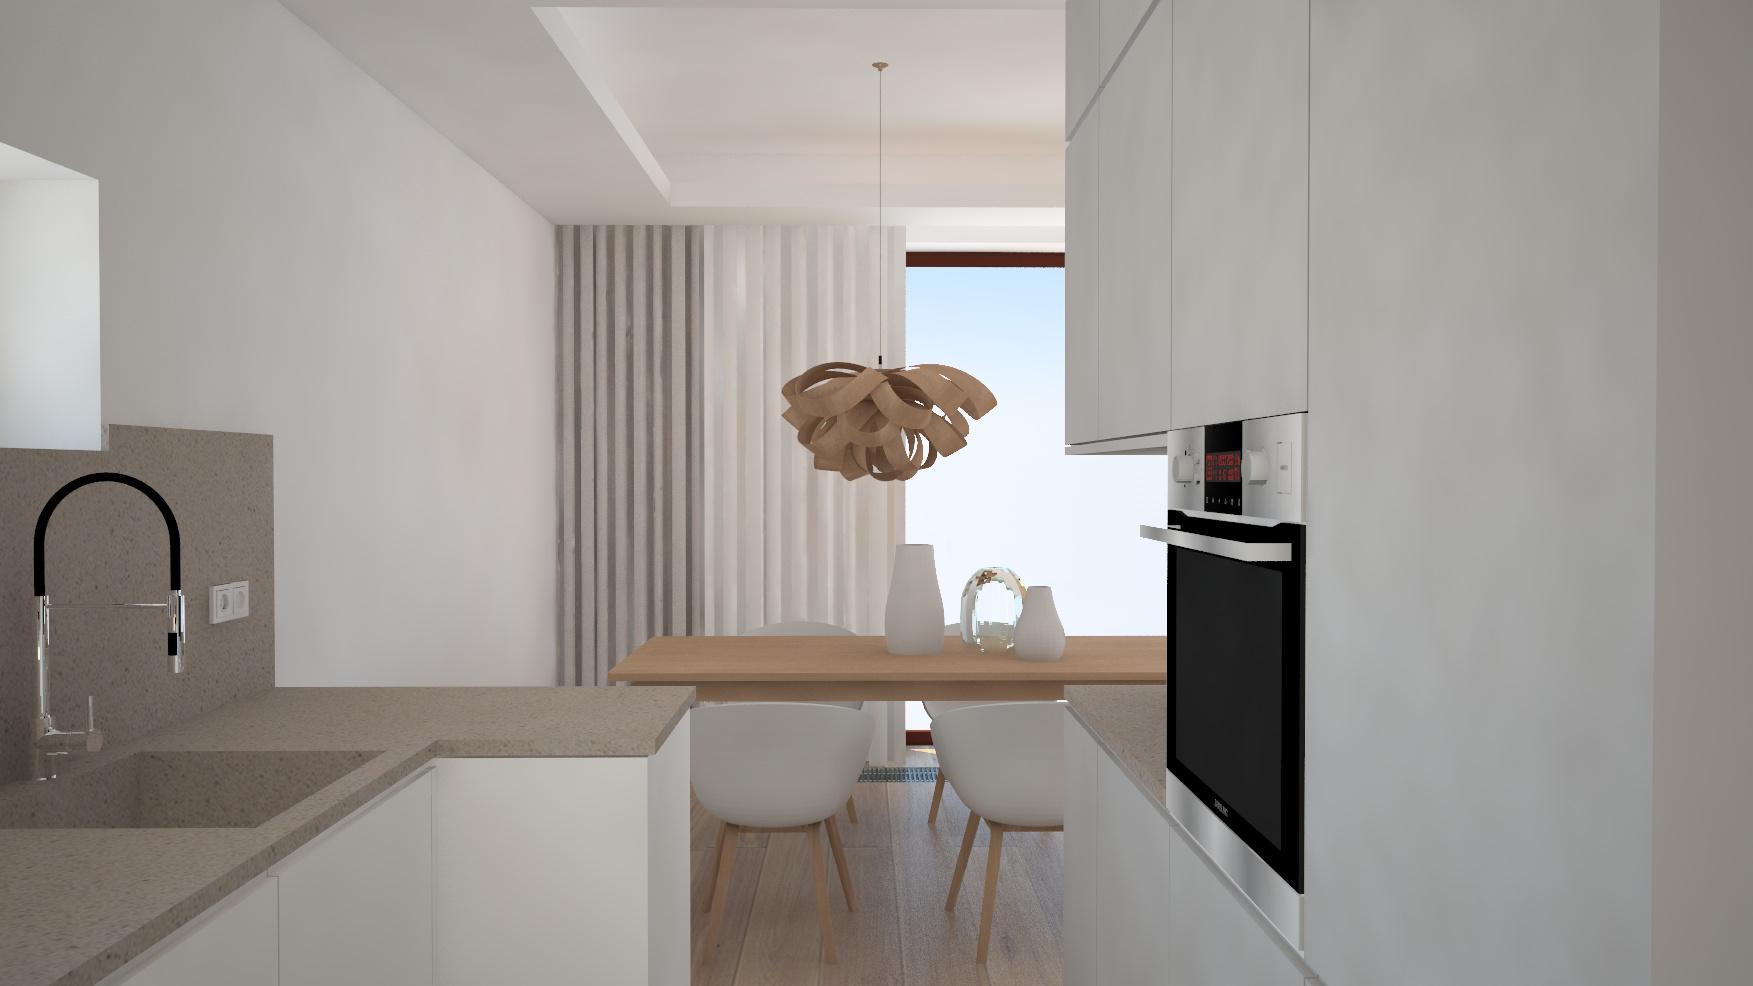 widok jadalni z kuchni-dekoracje okienne-styl minimalistyczny.jpg